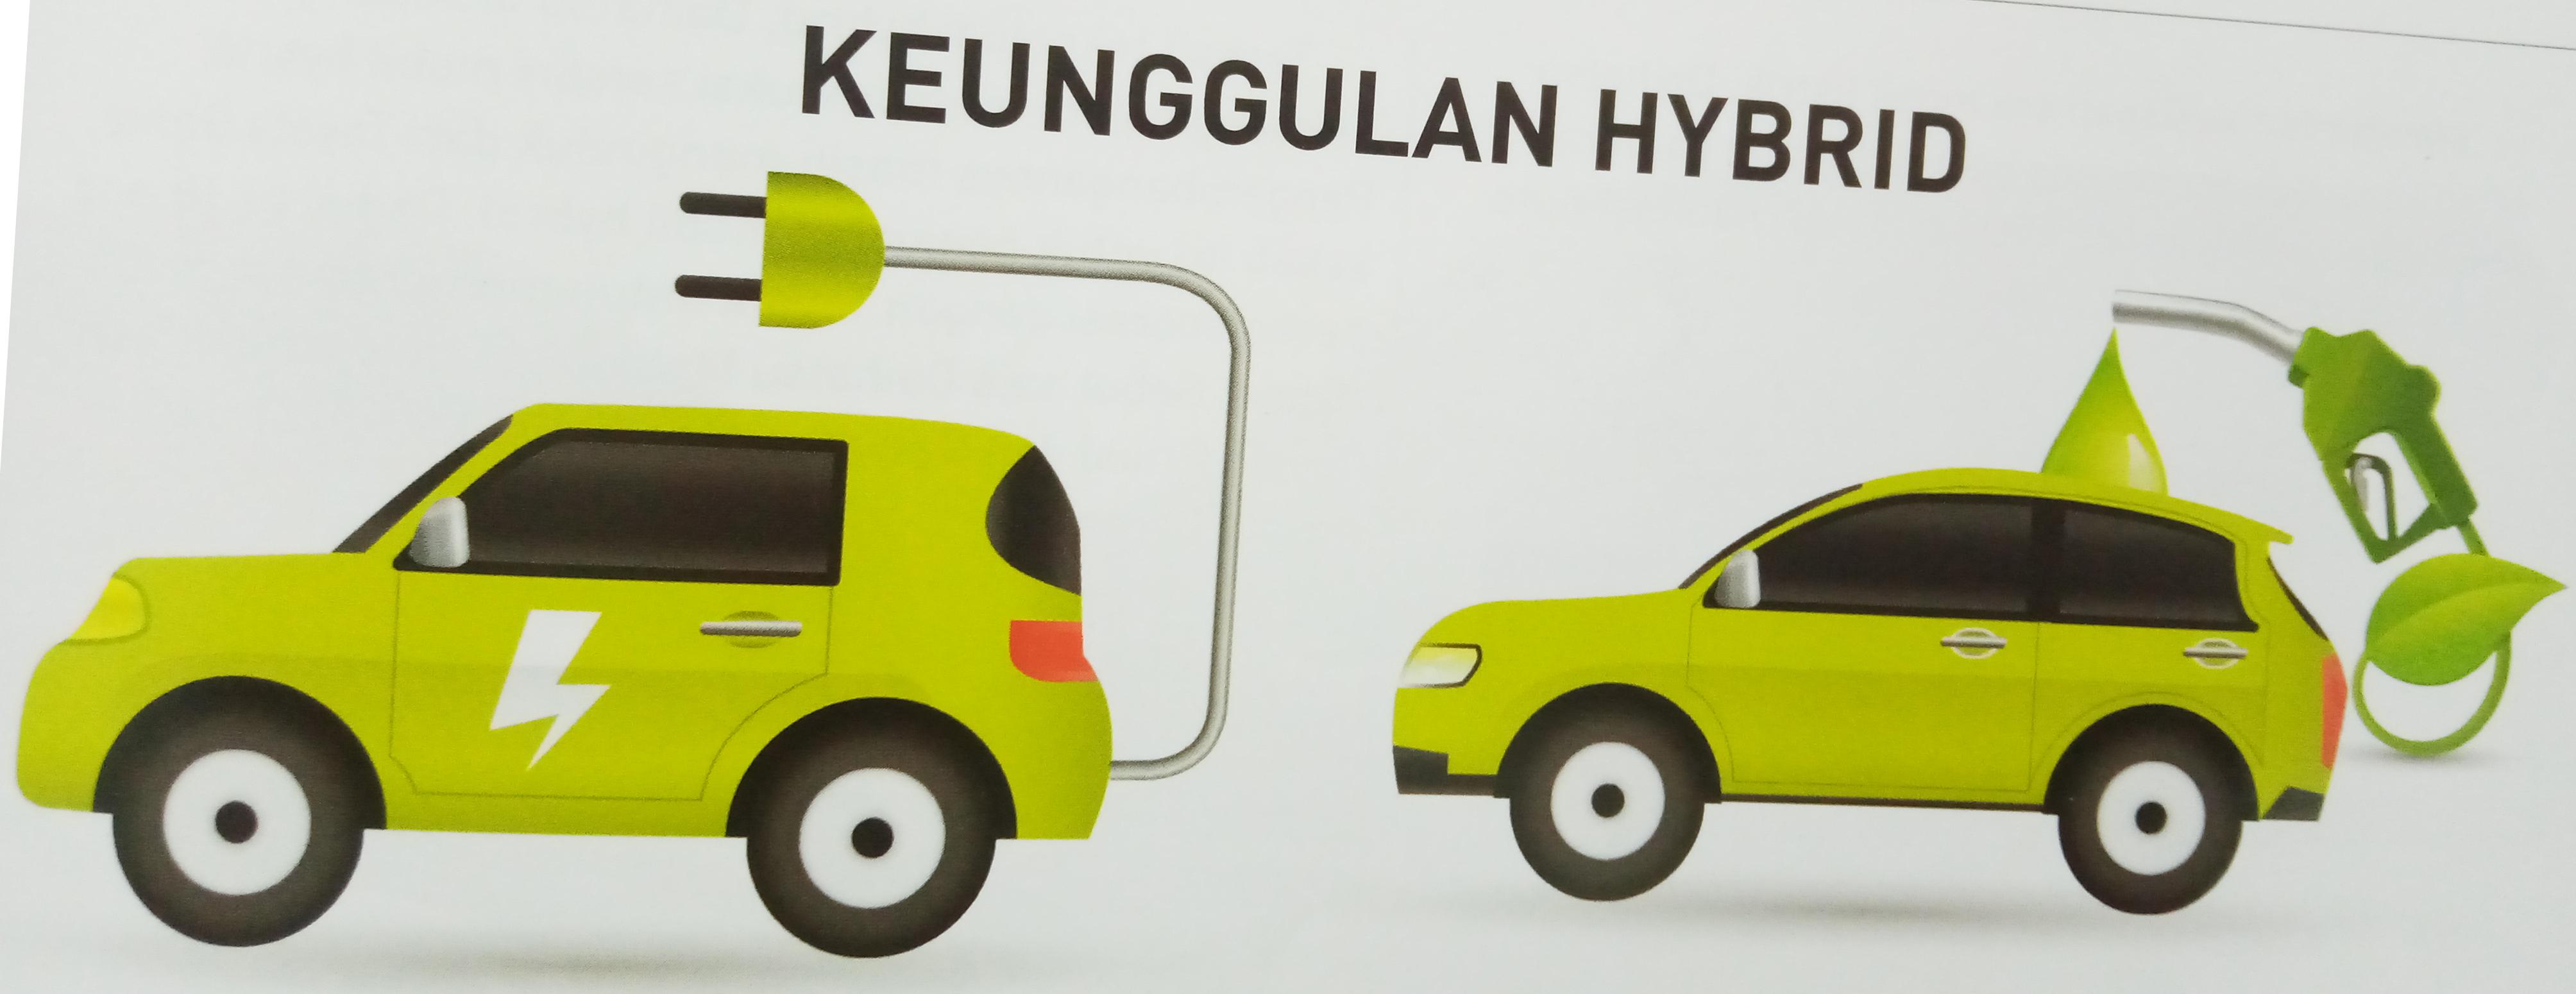 Daihatsu Ciledug hybrid-2-oke DAIHATSU DAN MOBIL HYBRID